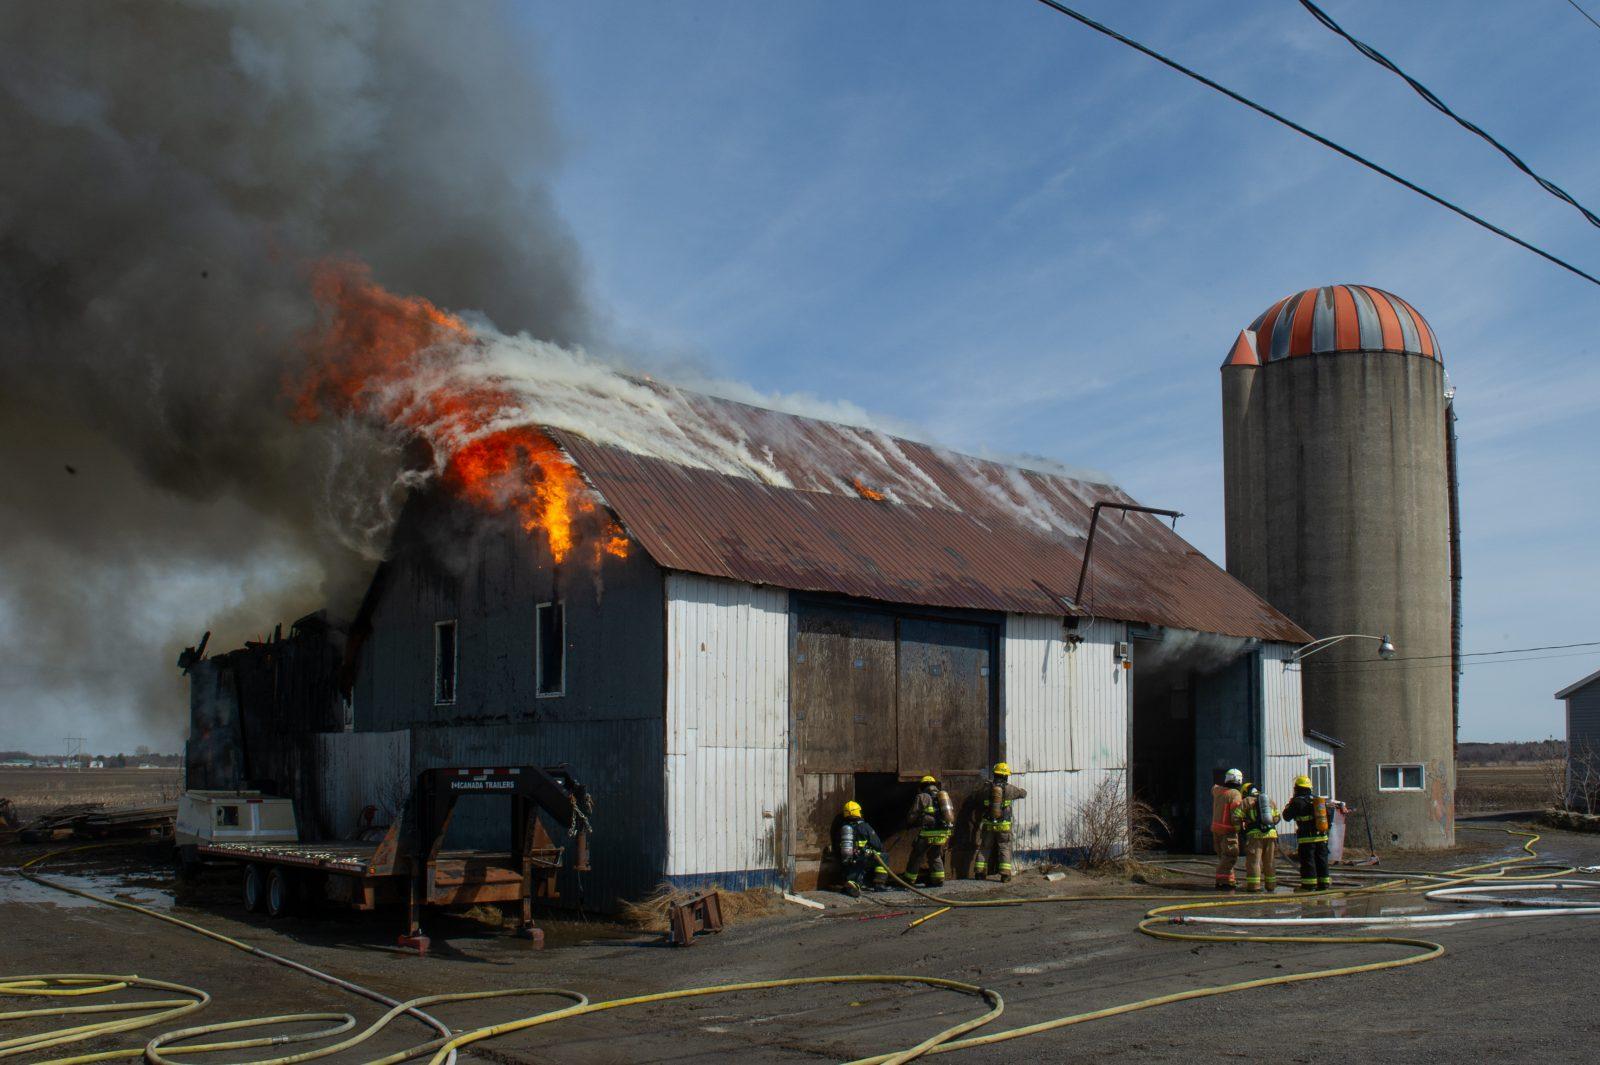 Un atelier de sablage au jet incendié (photos et vidéo)